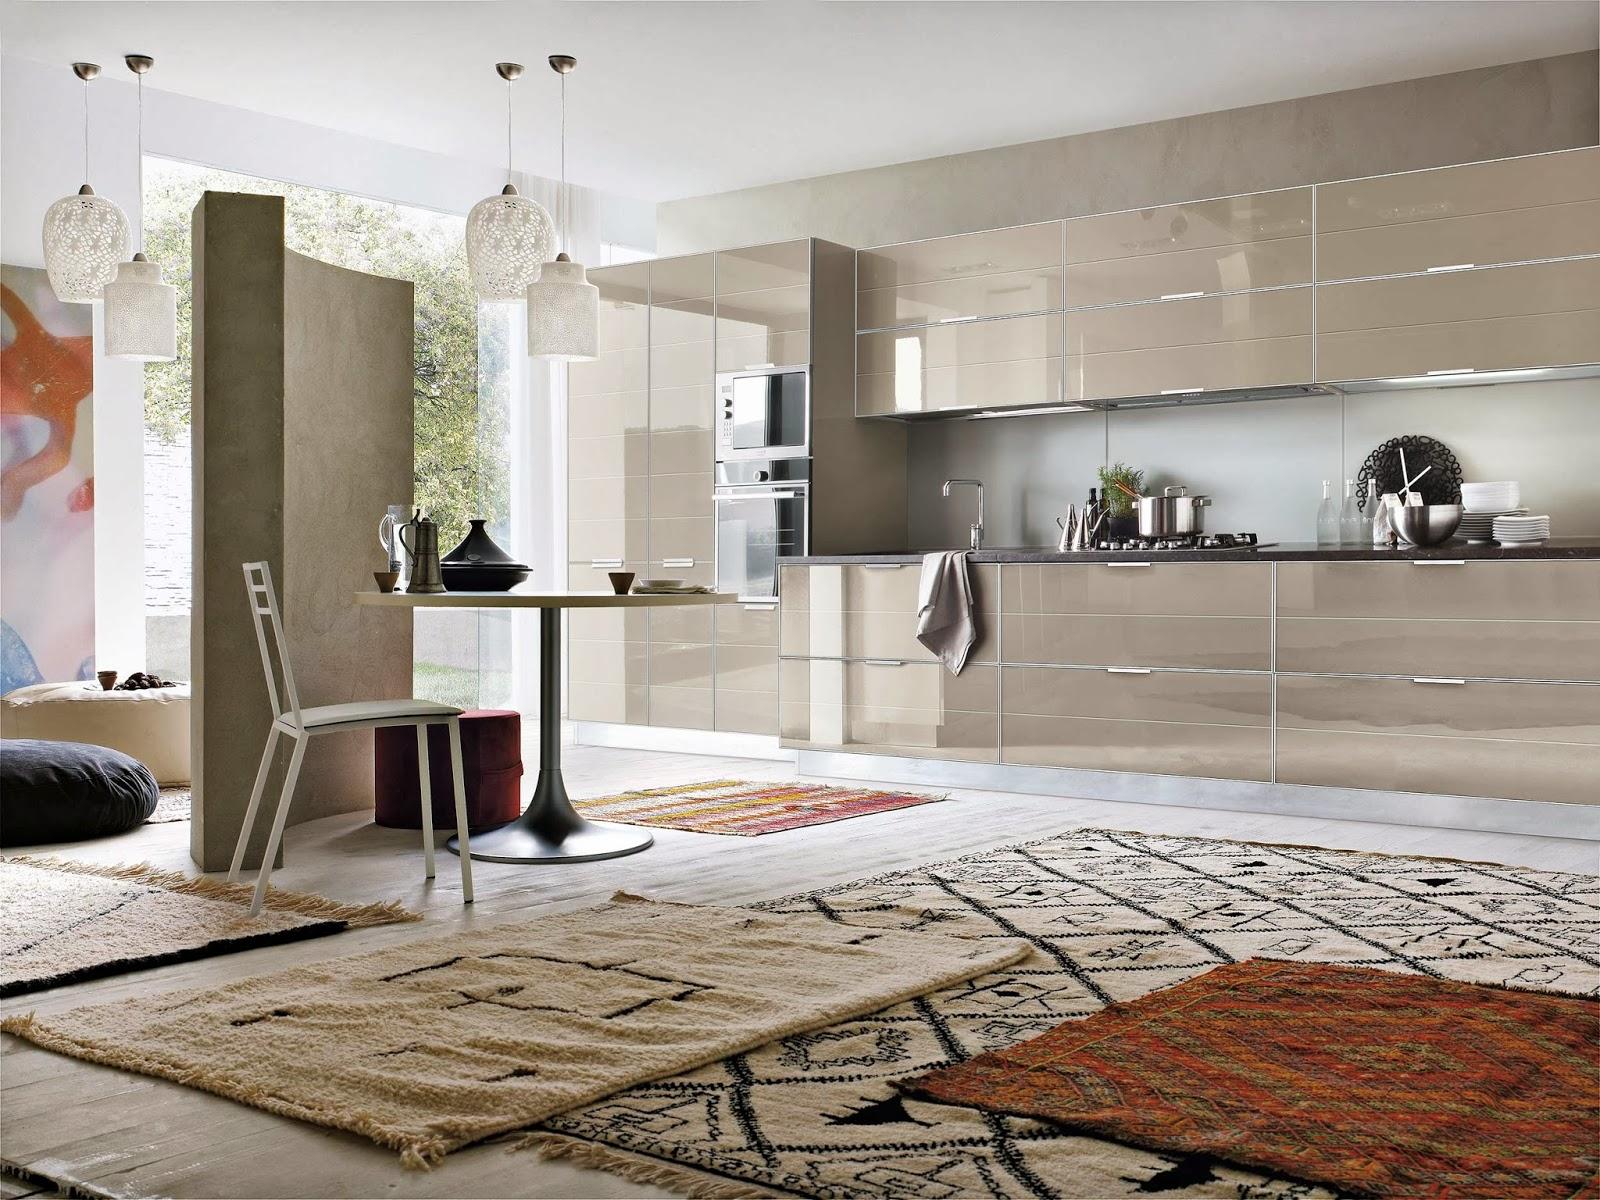 Cucine Moderne Le Migliori Soluzioni Per Arredare La Tua Cucina  #69442D 1600 1200 Hotel Che Accettano Cani Sala Da Pranzo Alto Adige